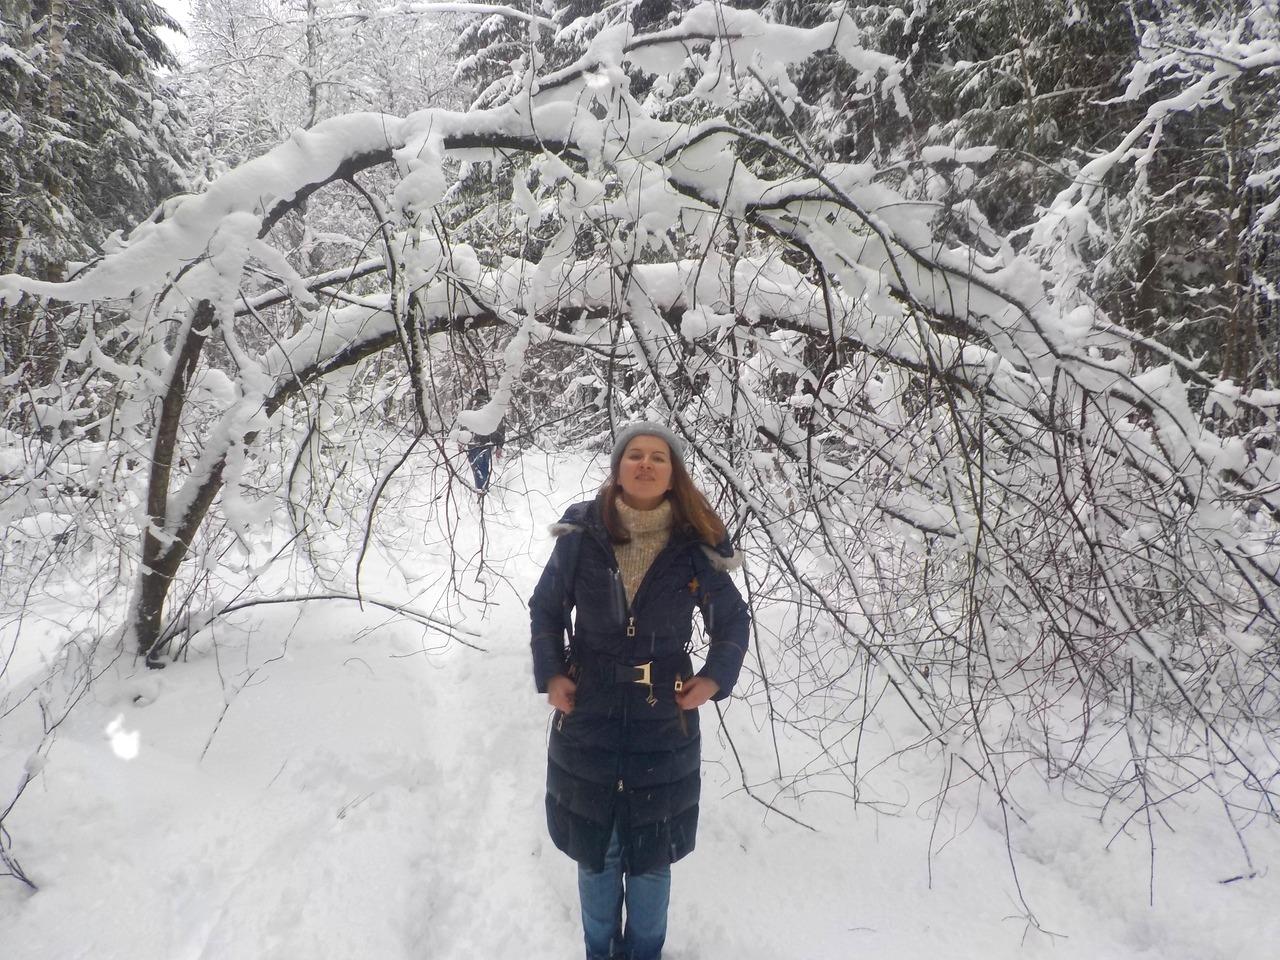 Предновогодний поход в районе Белоострова. Зимний лес и взятие штурмом ДОТа. Блины на костре